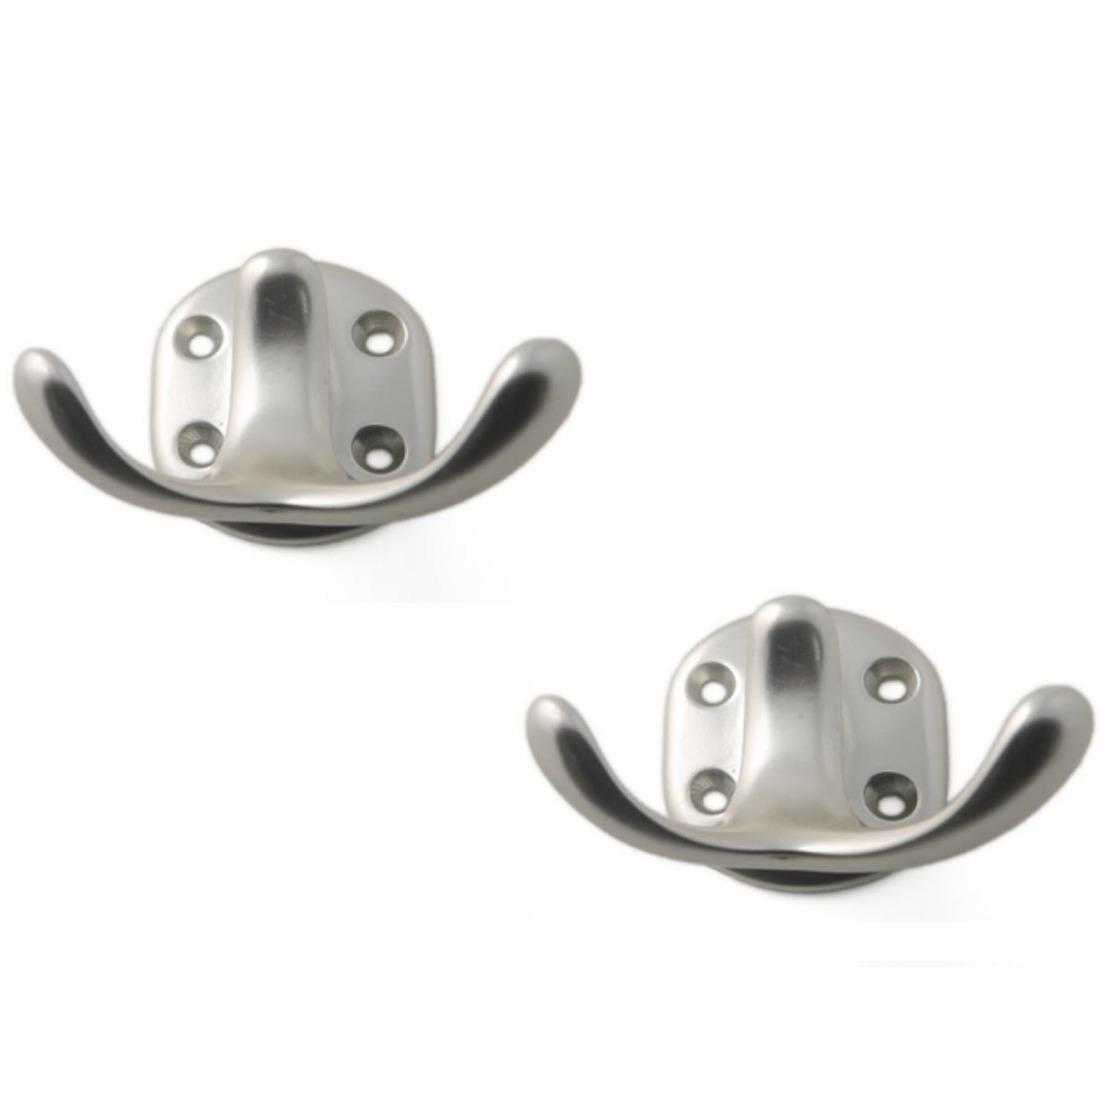 6x Zilverkleurig antieke garderobe haakjes-jashaken-kapstokhaakjes aluminium dubbele haak 5 x 7 cm